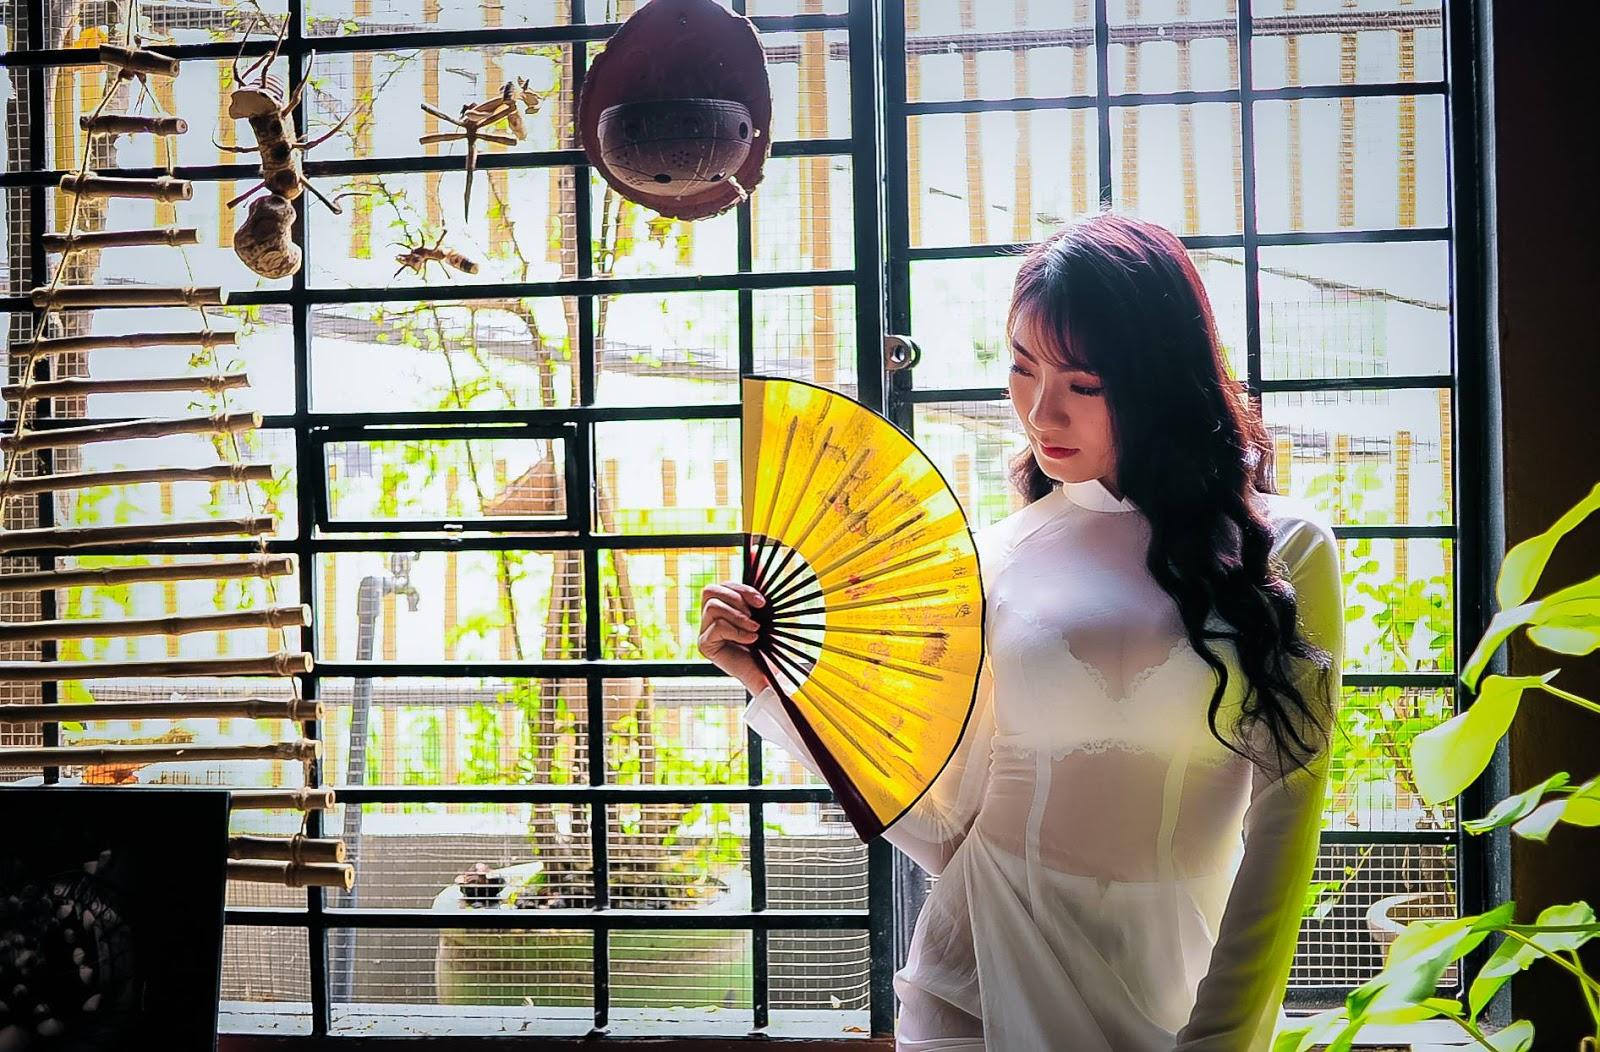 The Girl In Áo dài, Look So Hot (17) Bùi Thị Tú Uyên Part 2